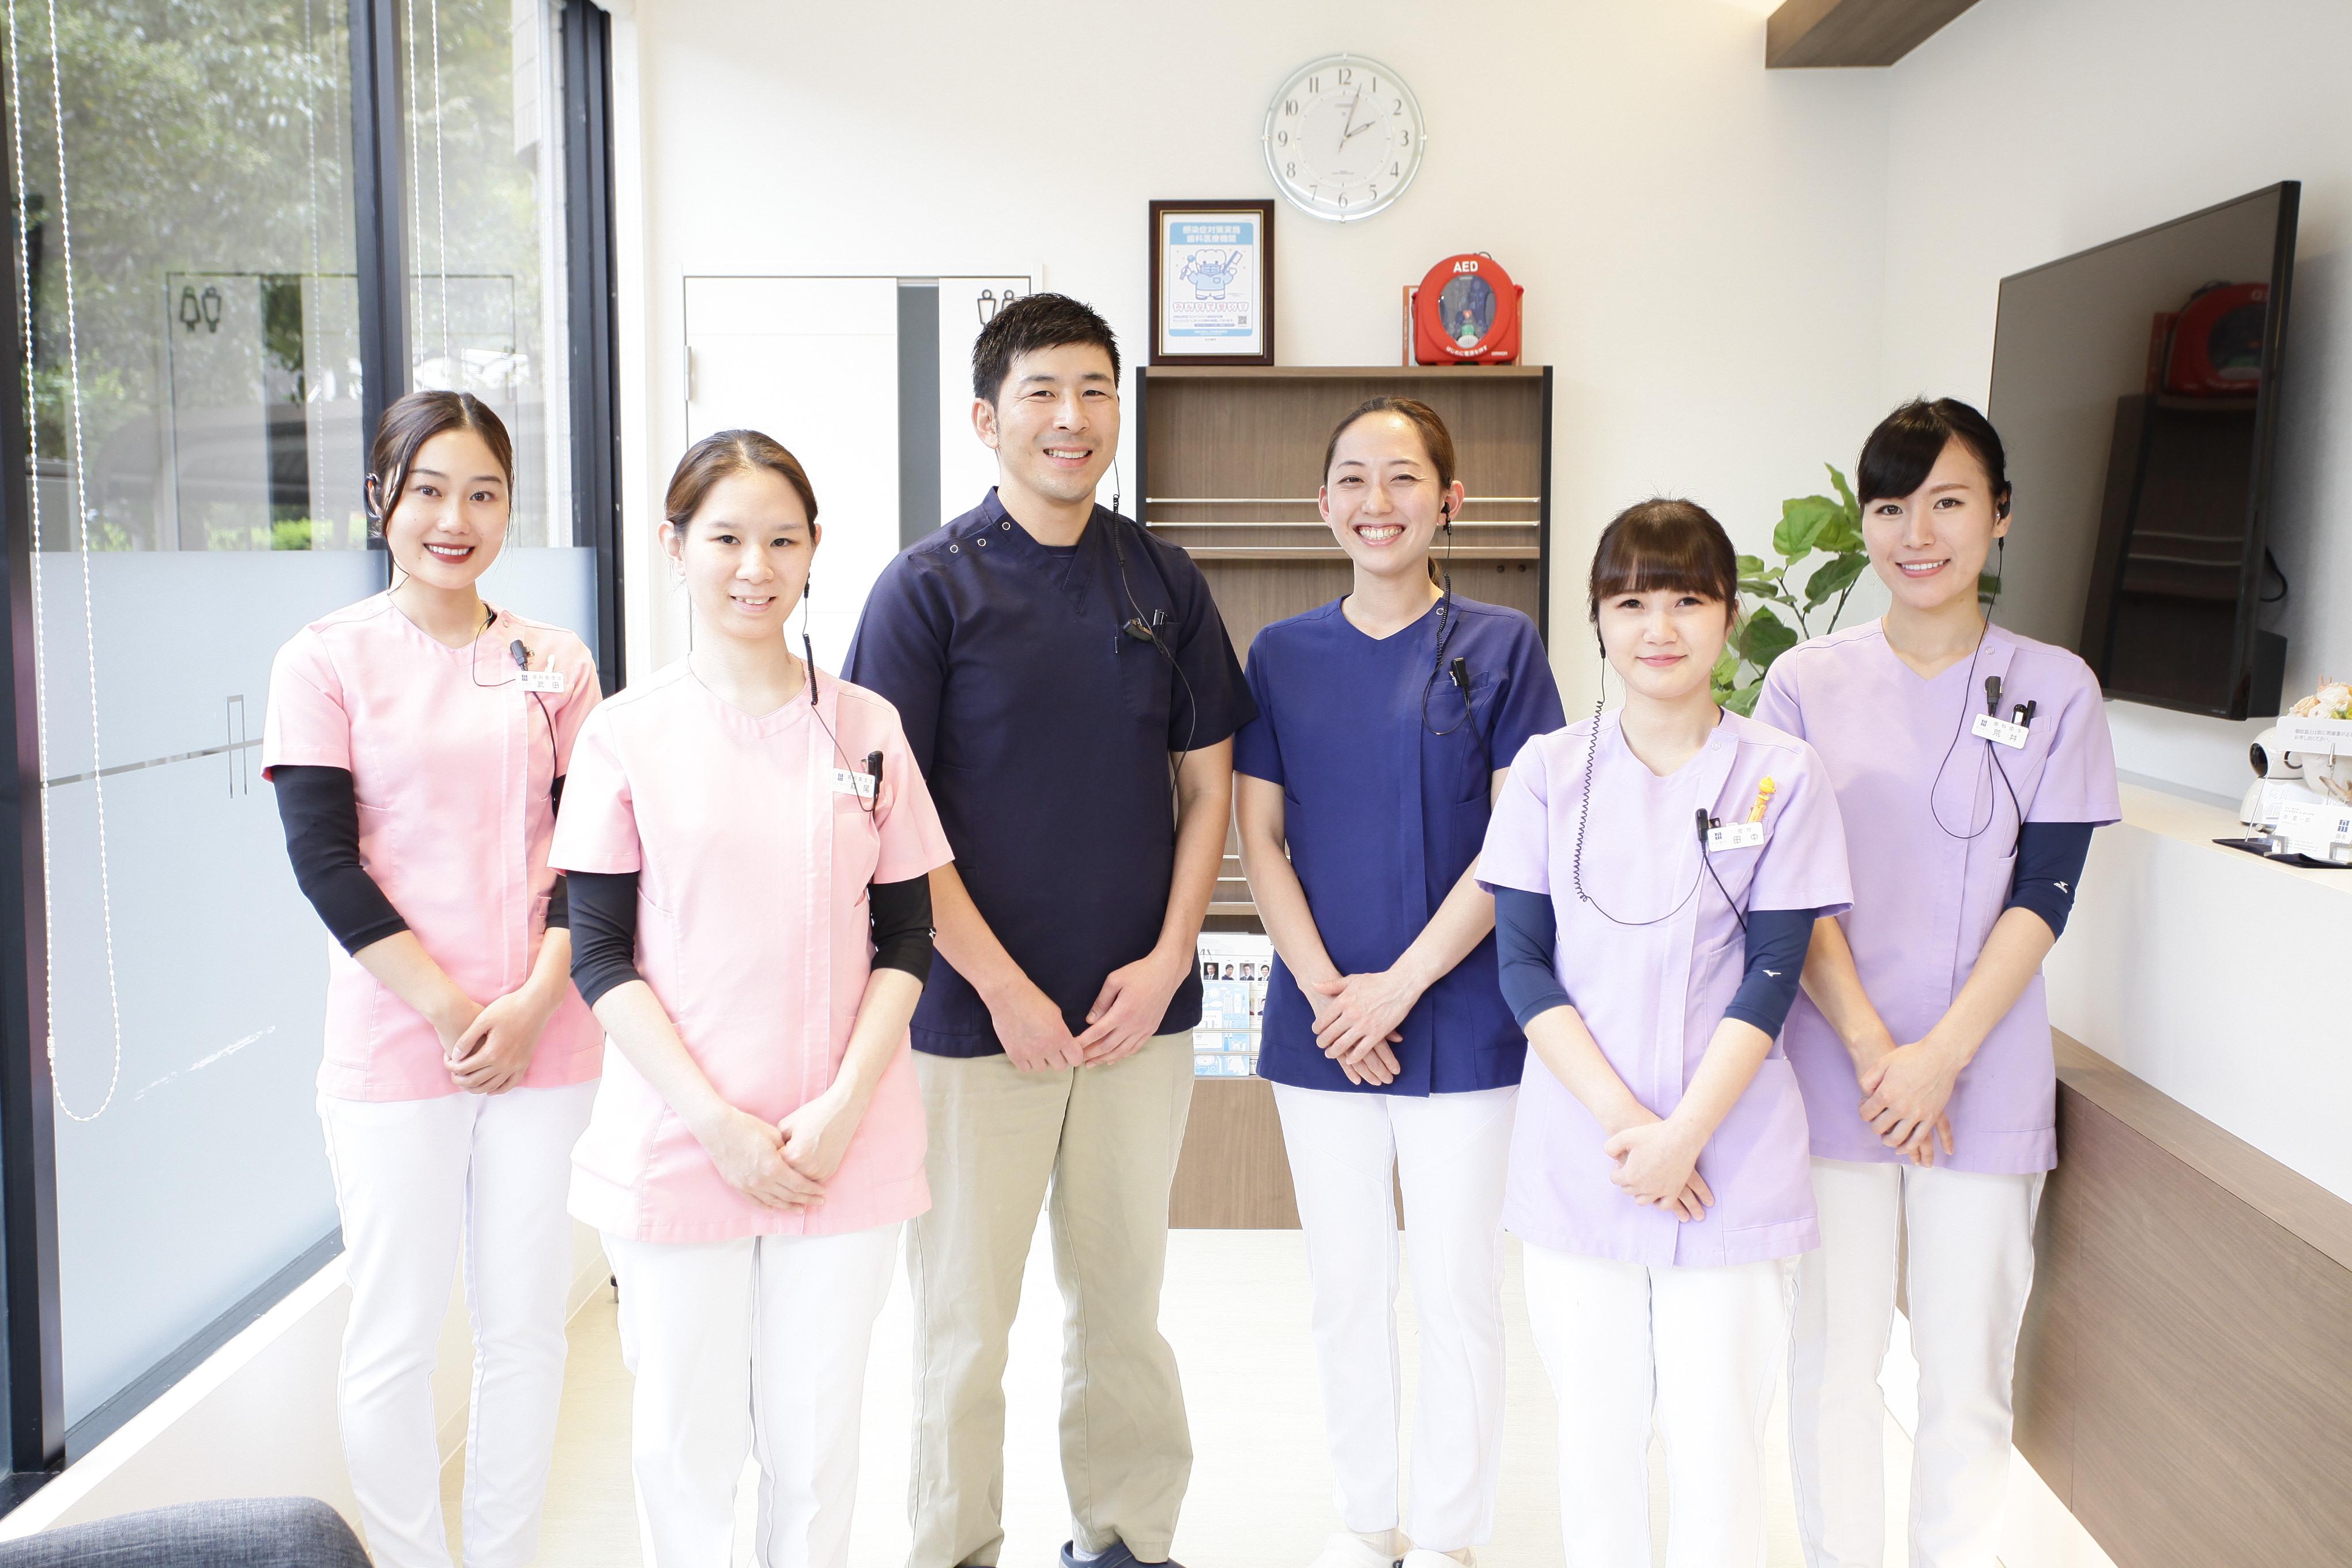 2020年、2021年卒の歯科衛生士さん大歓迎!予防を中心に考えた新しい歯科医院です。きれいな職場で一緒に働きましょう。